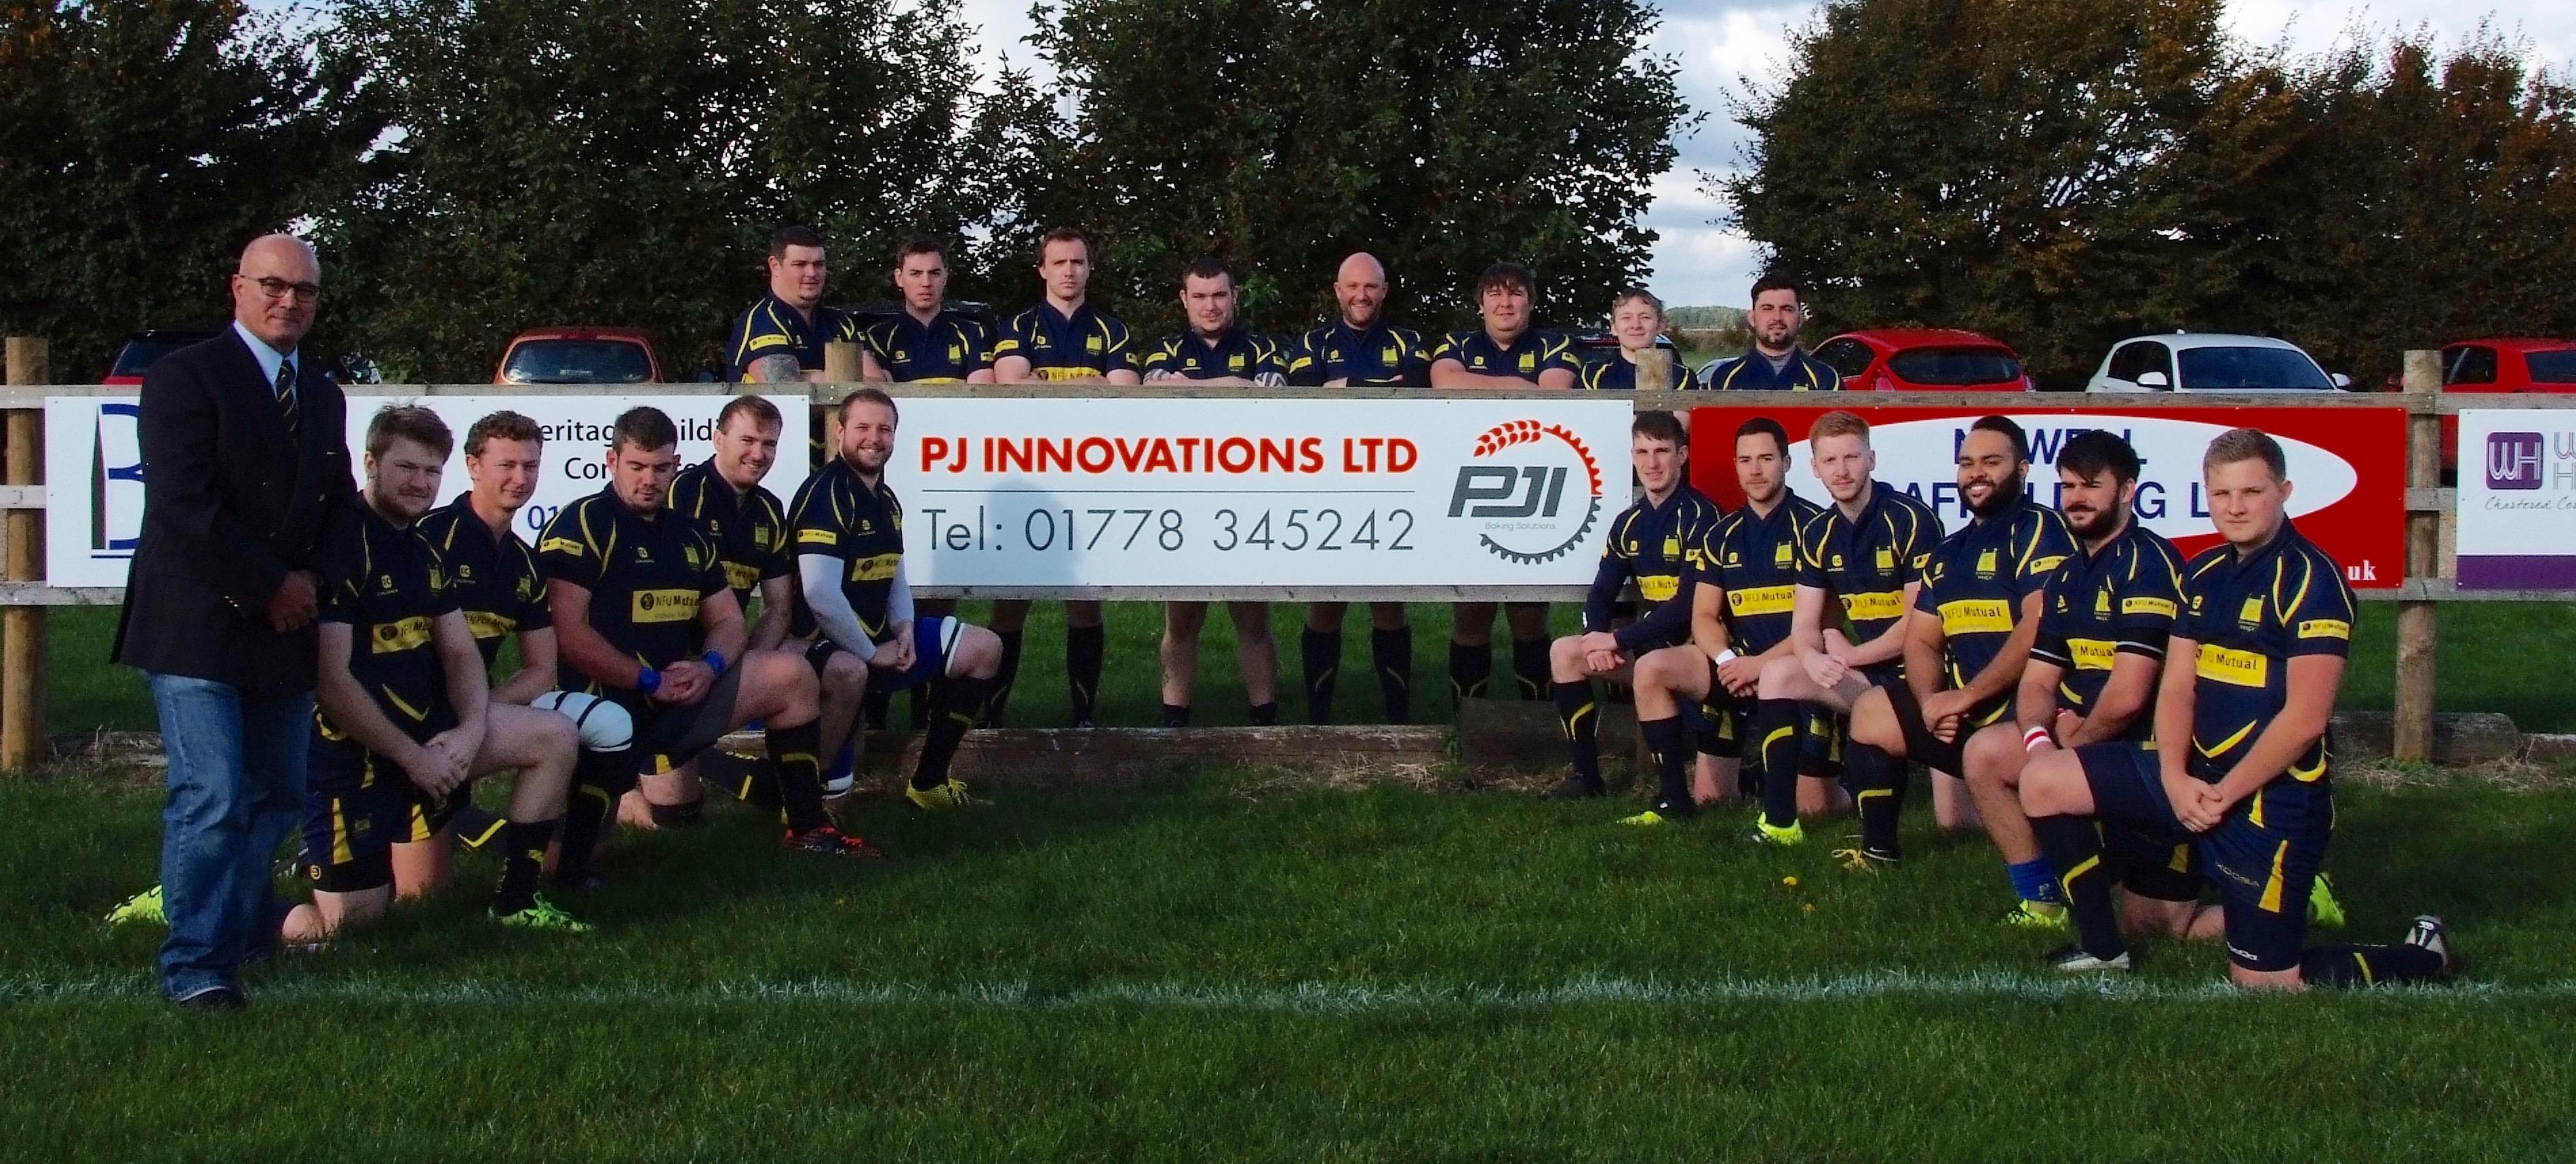 PJ Innovations Ltd